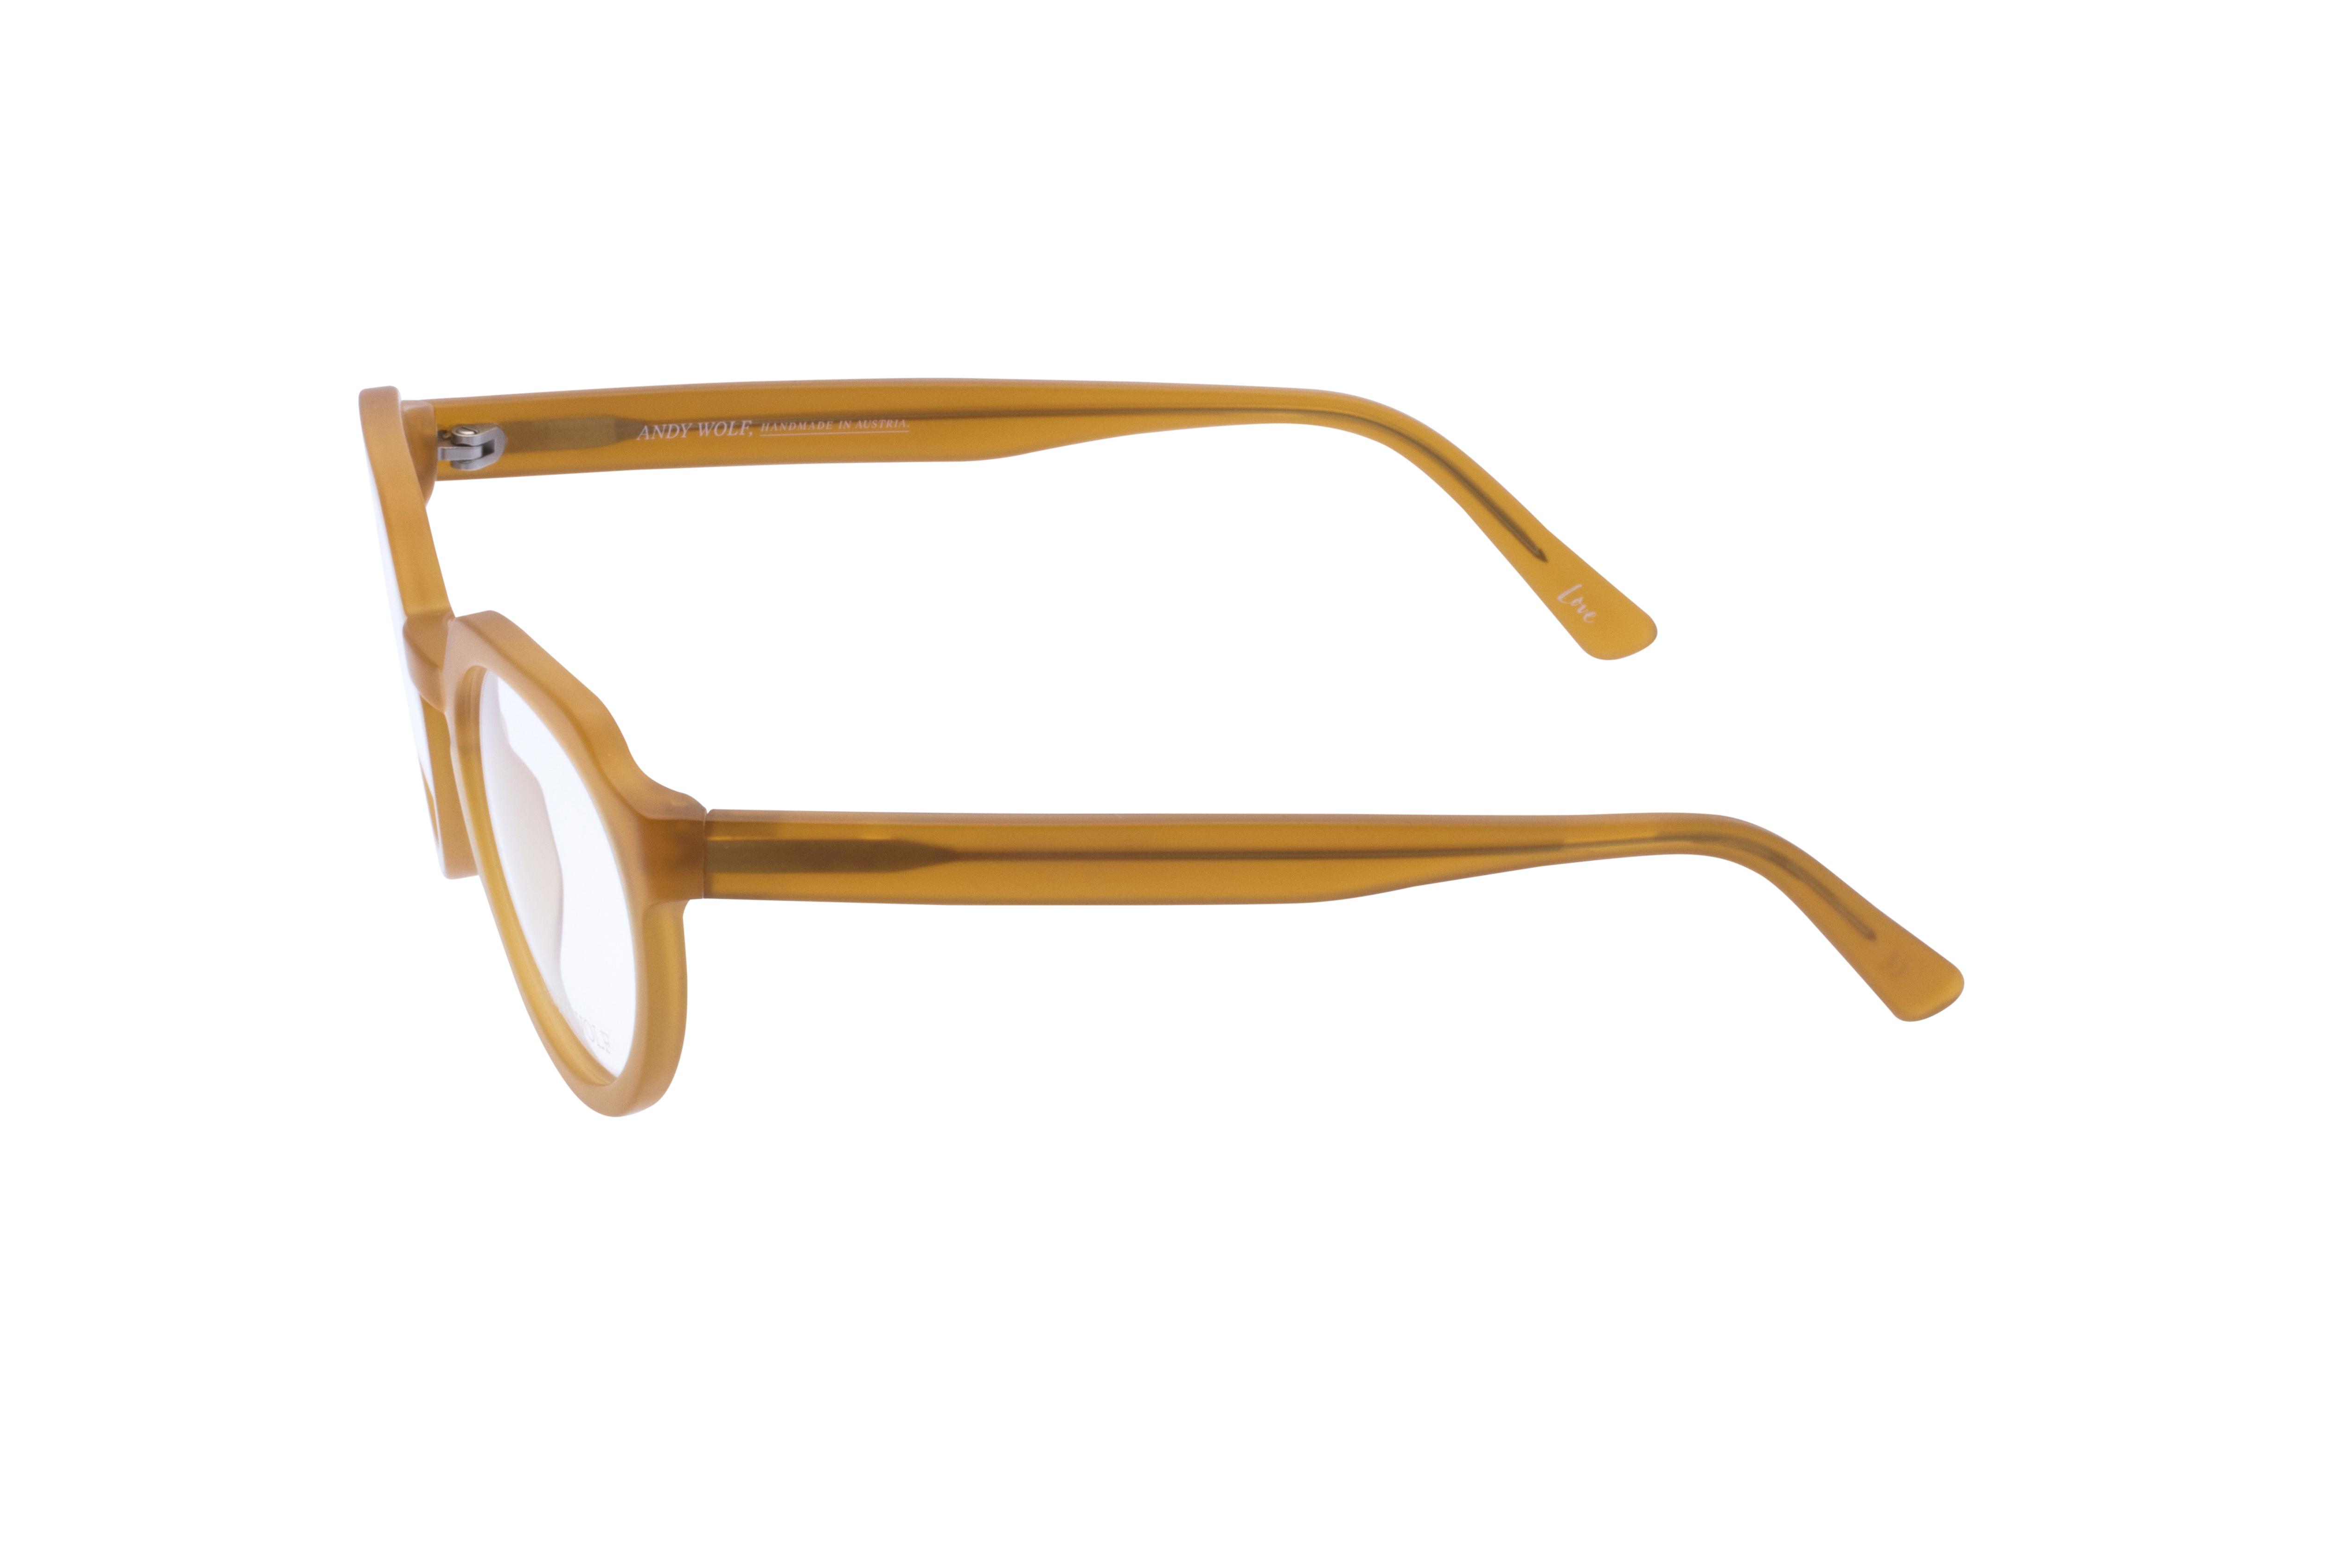 360 Grad Ansicht 19 Andy Wolf 4570, Brille auf Weiß - Fassung bei KUNK